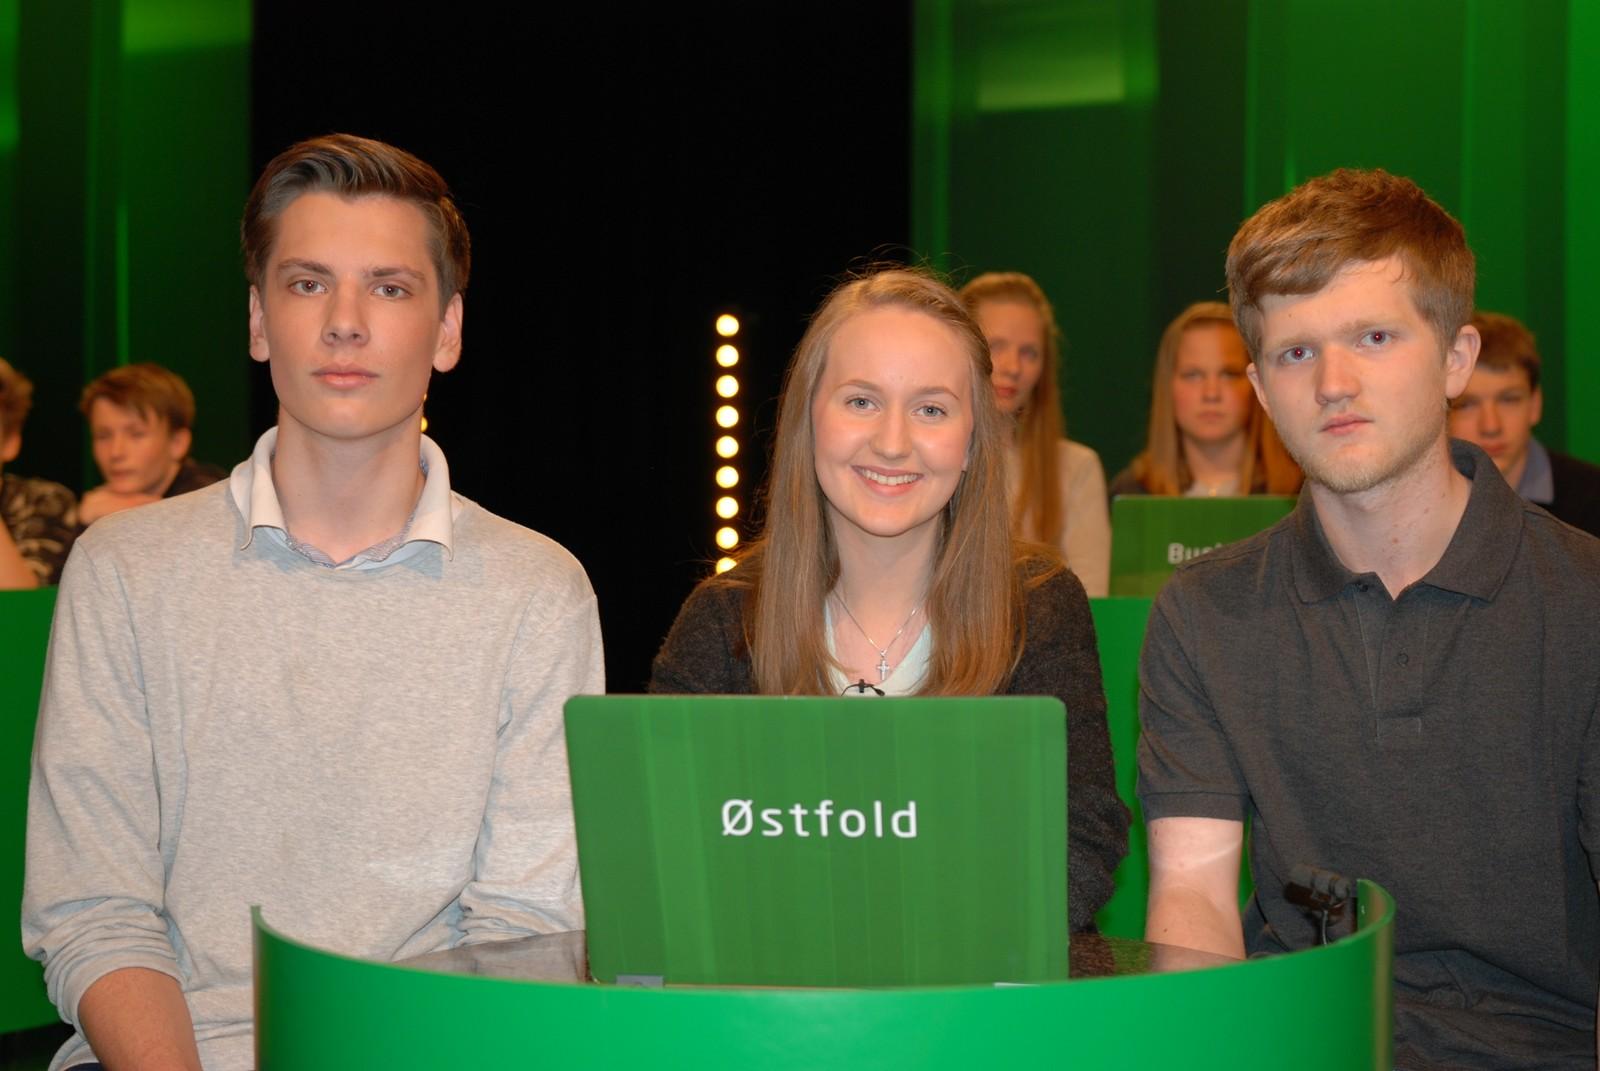 ØSTFOLD: Halmstad barne- og ungdomsskole i Rygge representert ved Christian Aron Vea, Jon Eivind Ytrehorn og Kaja Osberg.